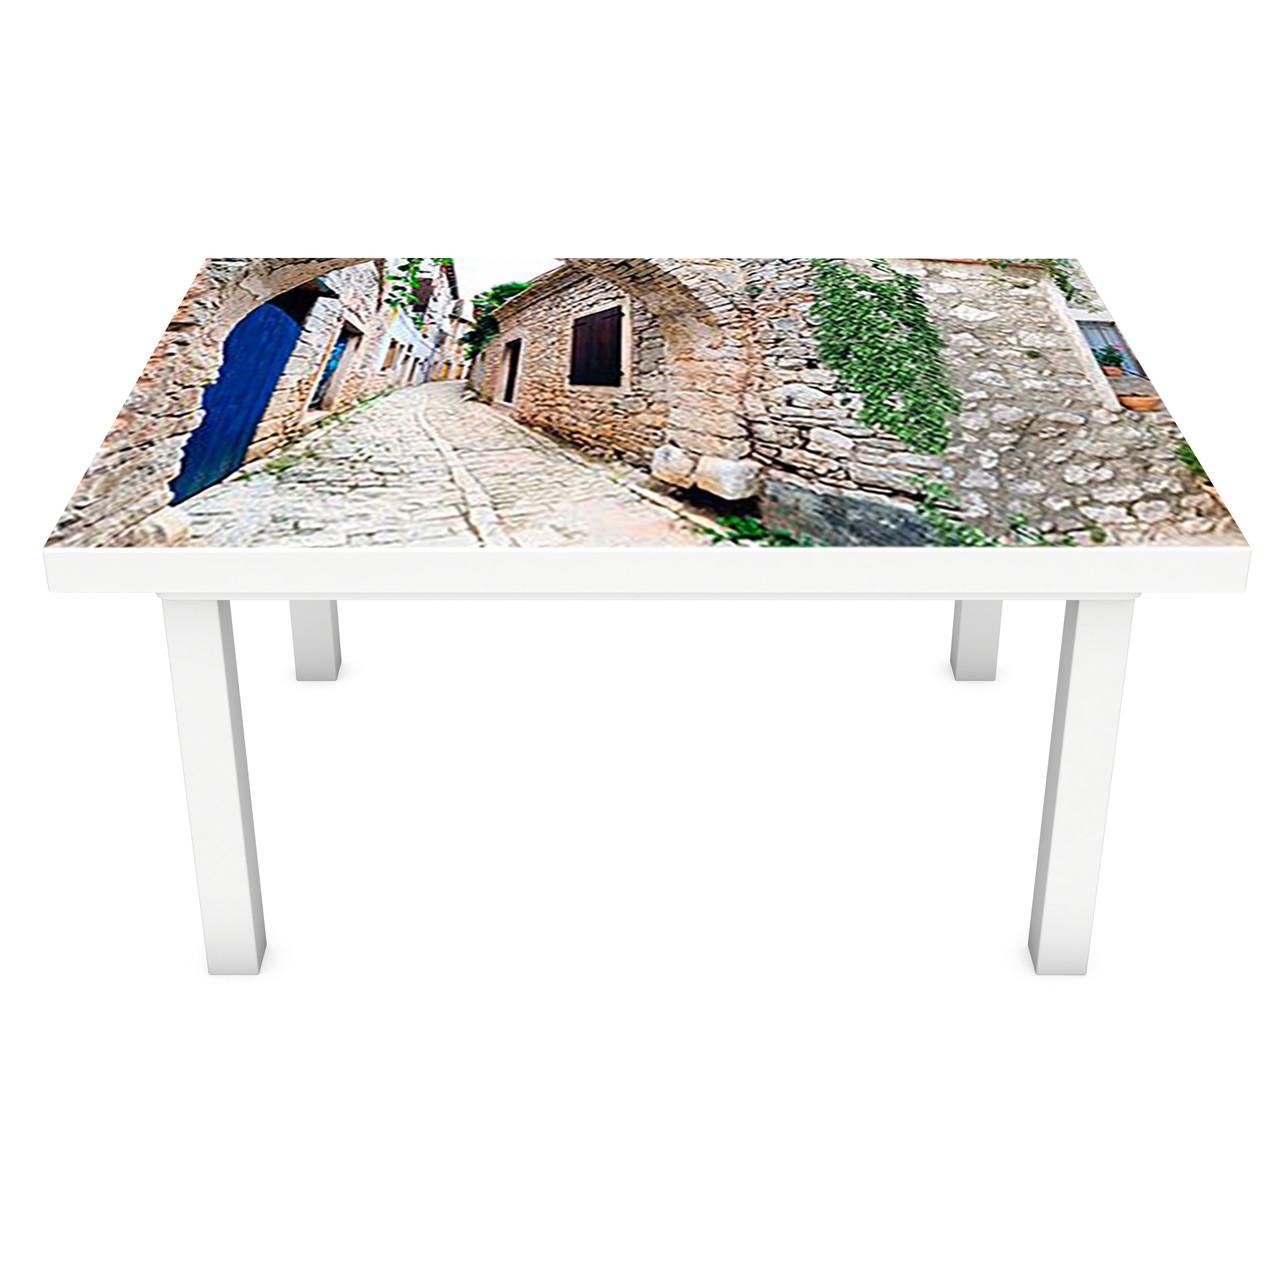 Наклейка на стол Серый Прованс (ПВХ интерьерная пленка для мебели) каменные улицы город 600*1200 мм